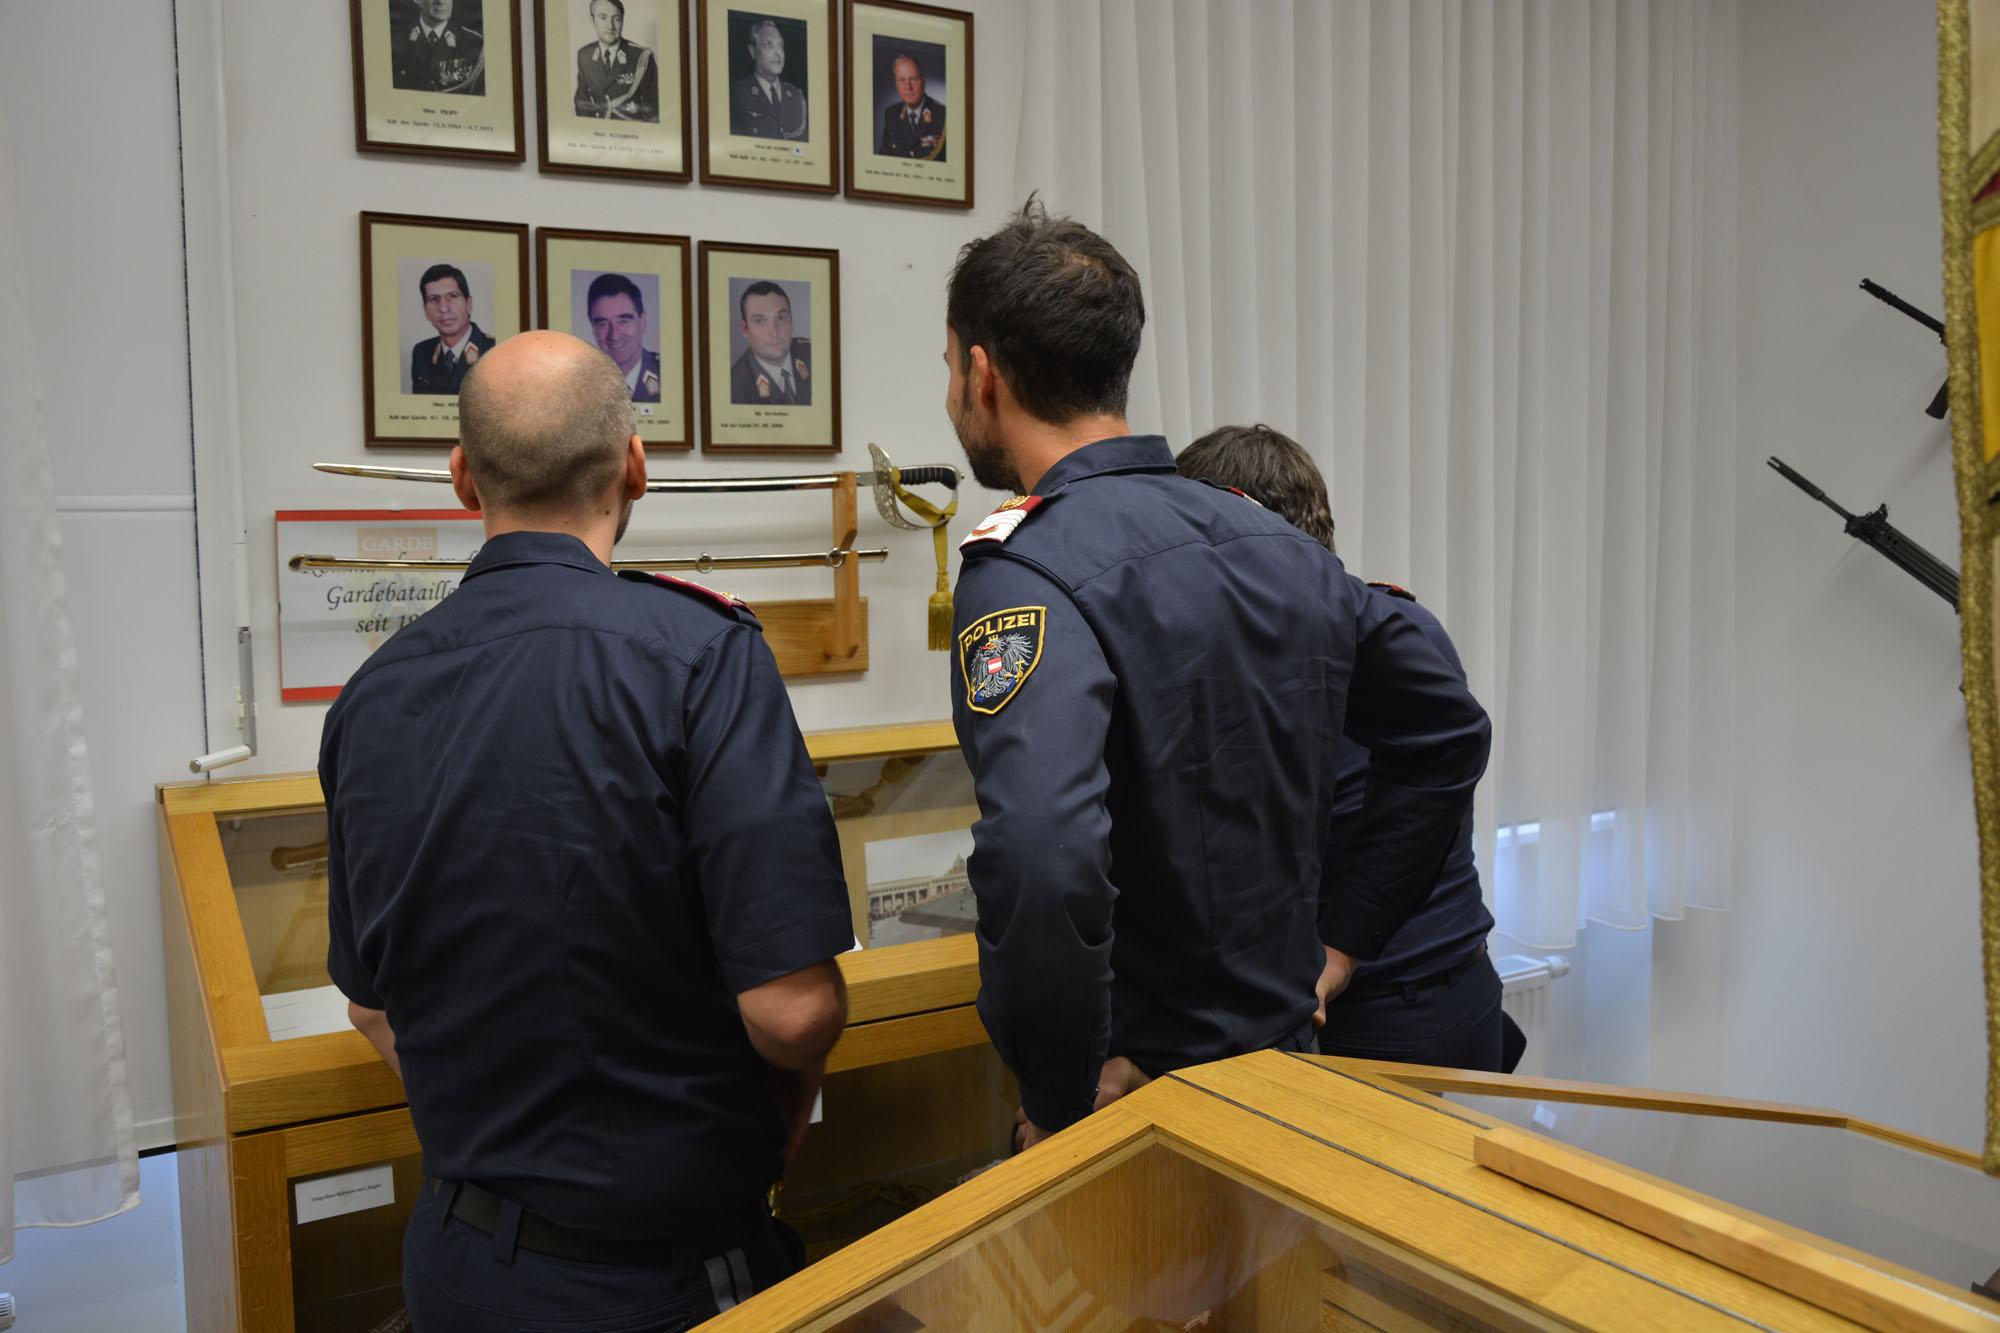 2019_09_19_Garde_Polizei_Traditionsraum-Offiziersanwärter_011